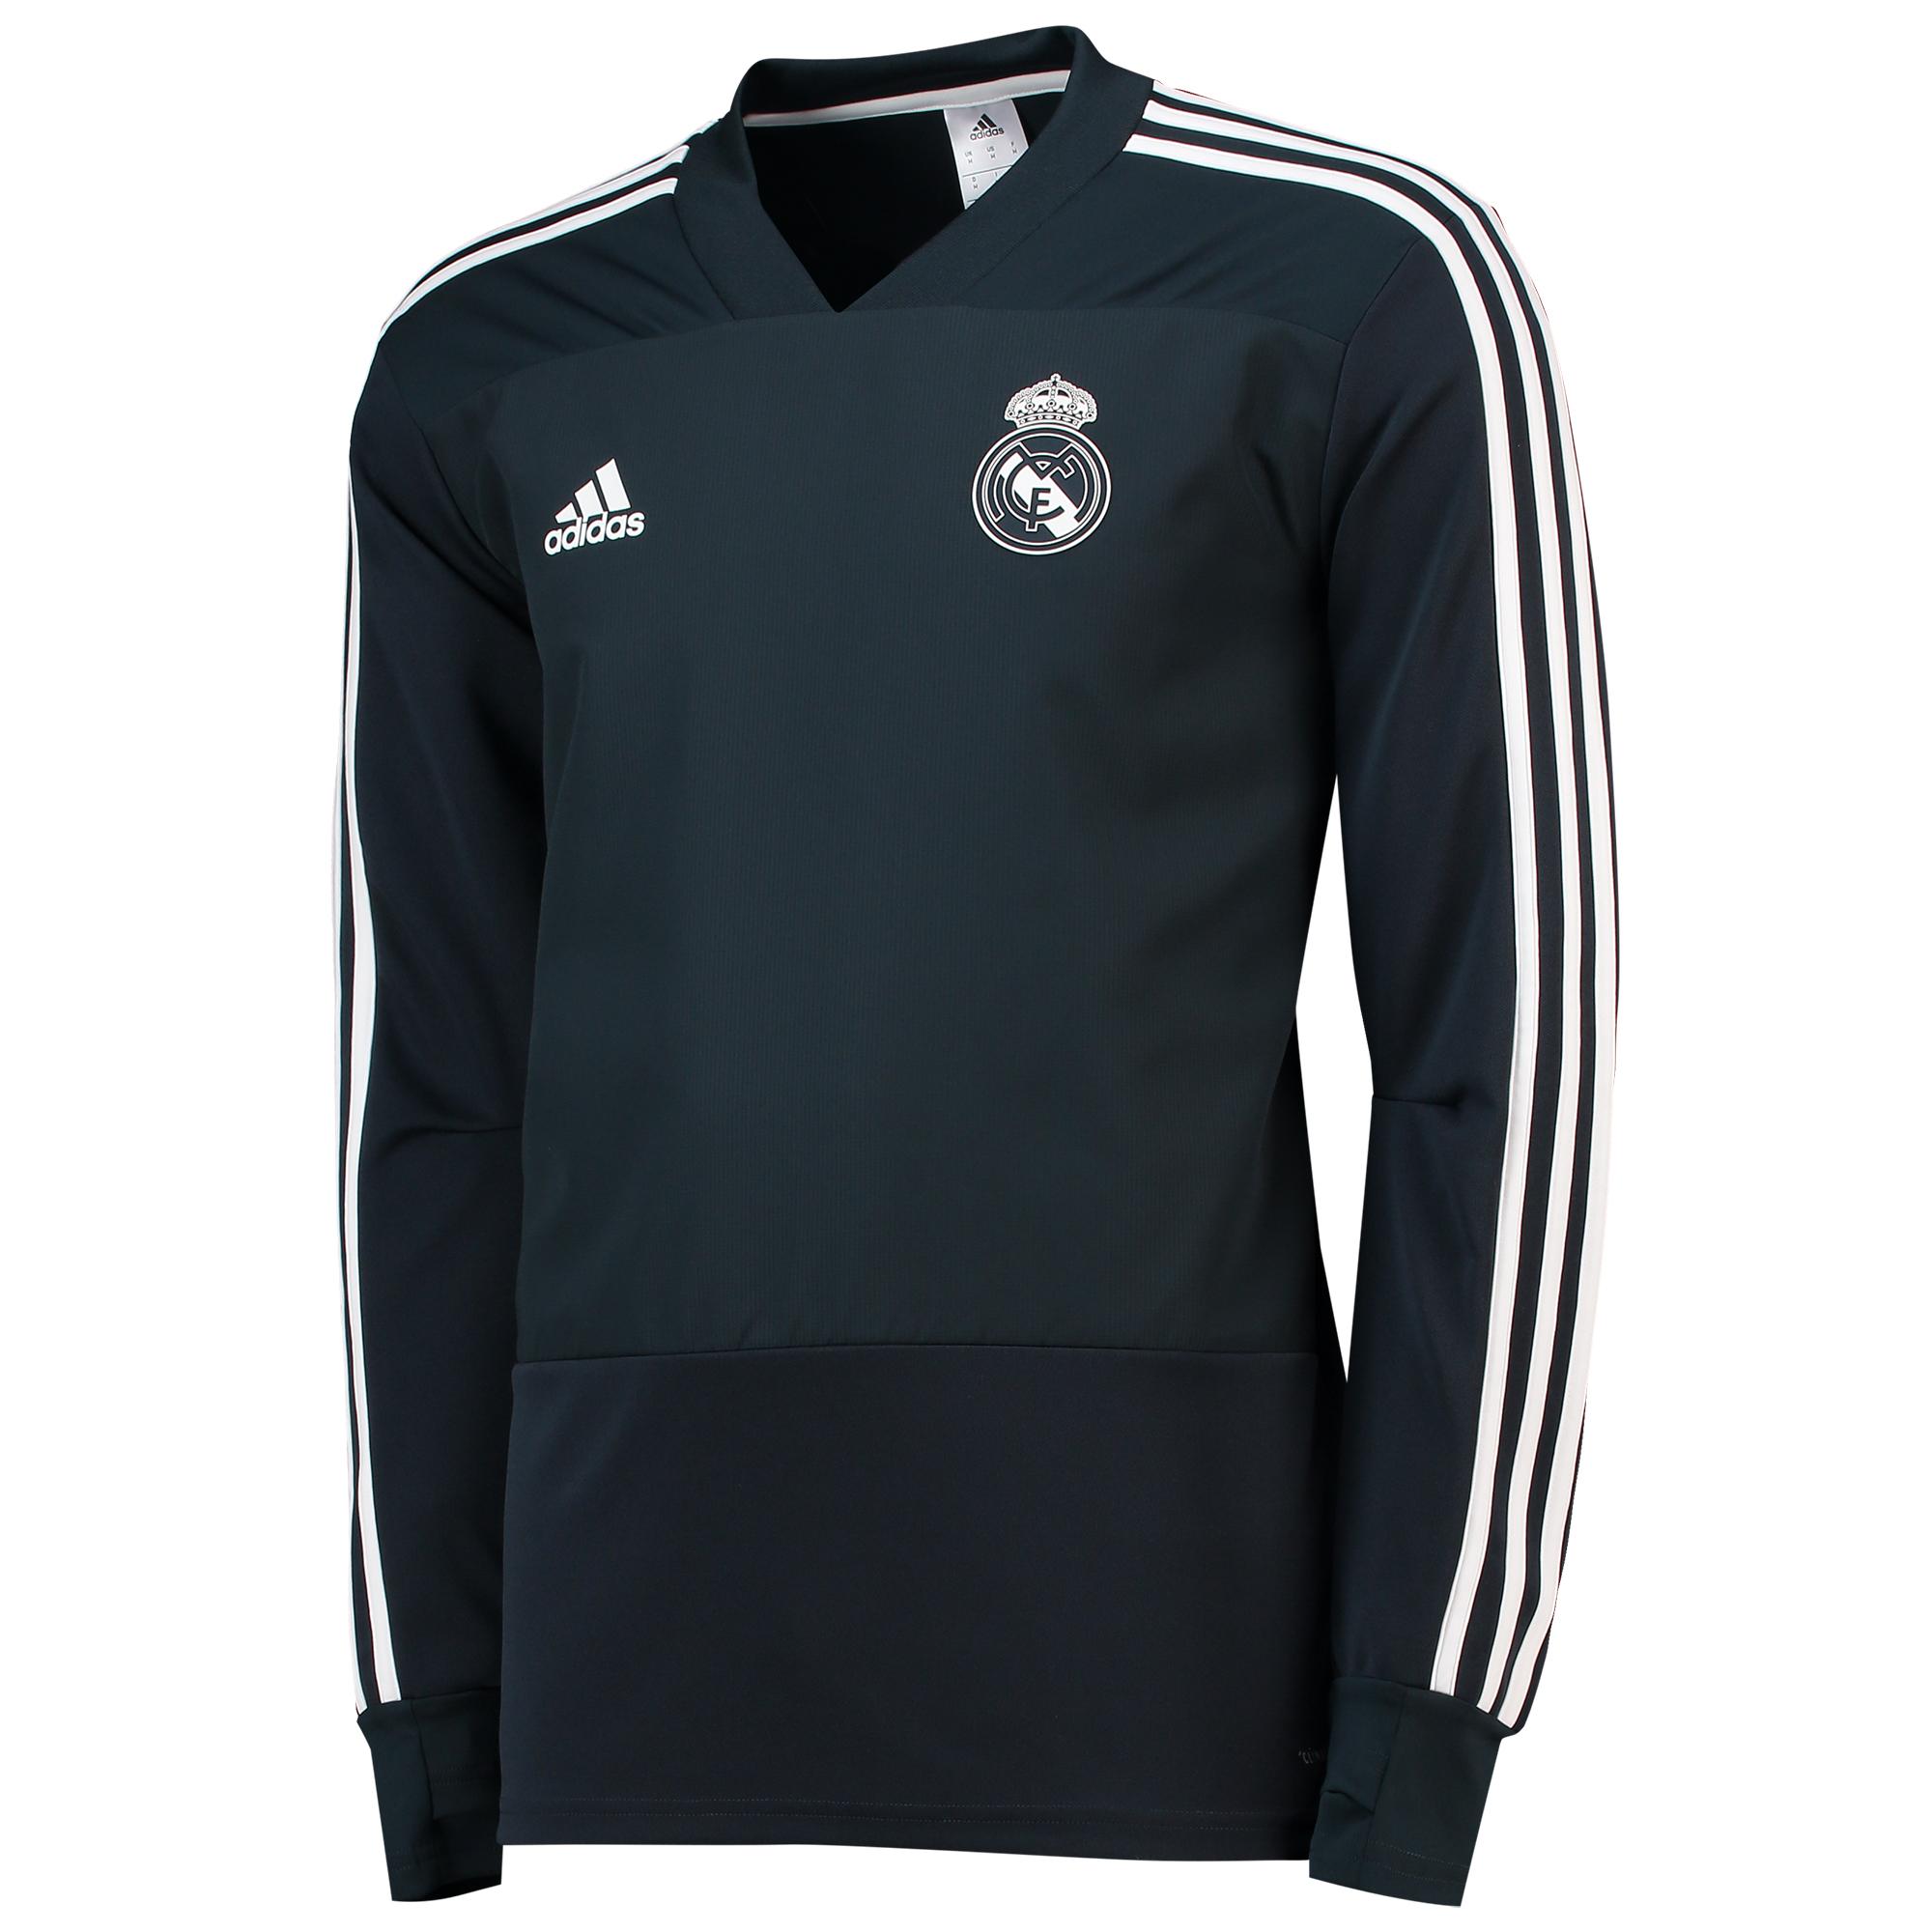 Sudadera de entrenamiento del Real Madrid en gris oscuro